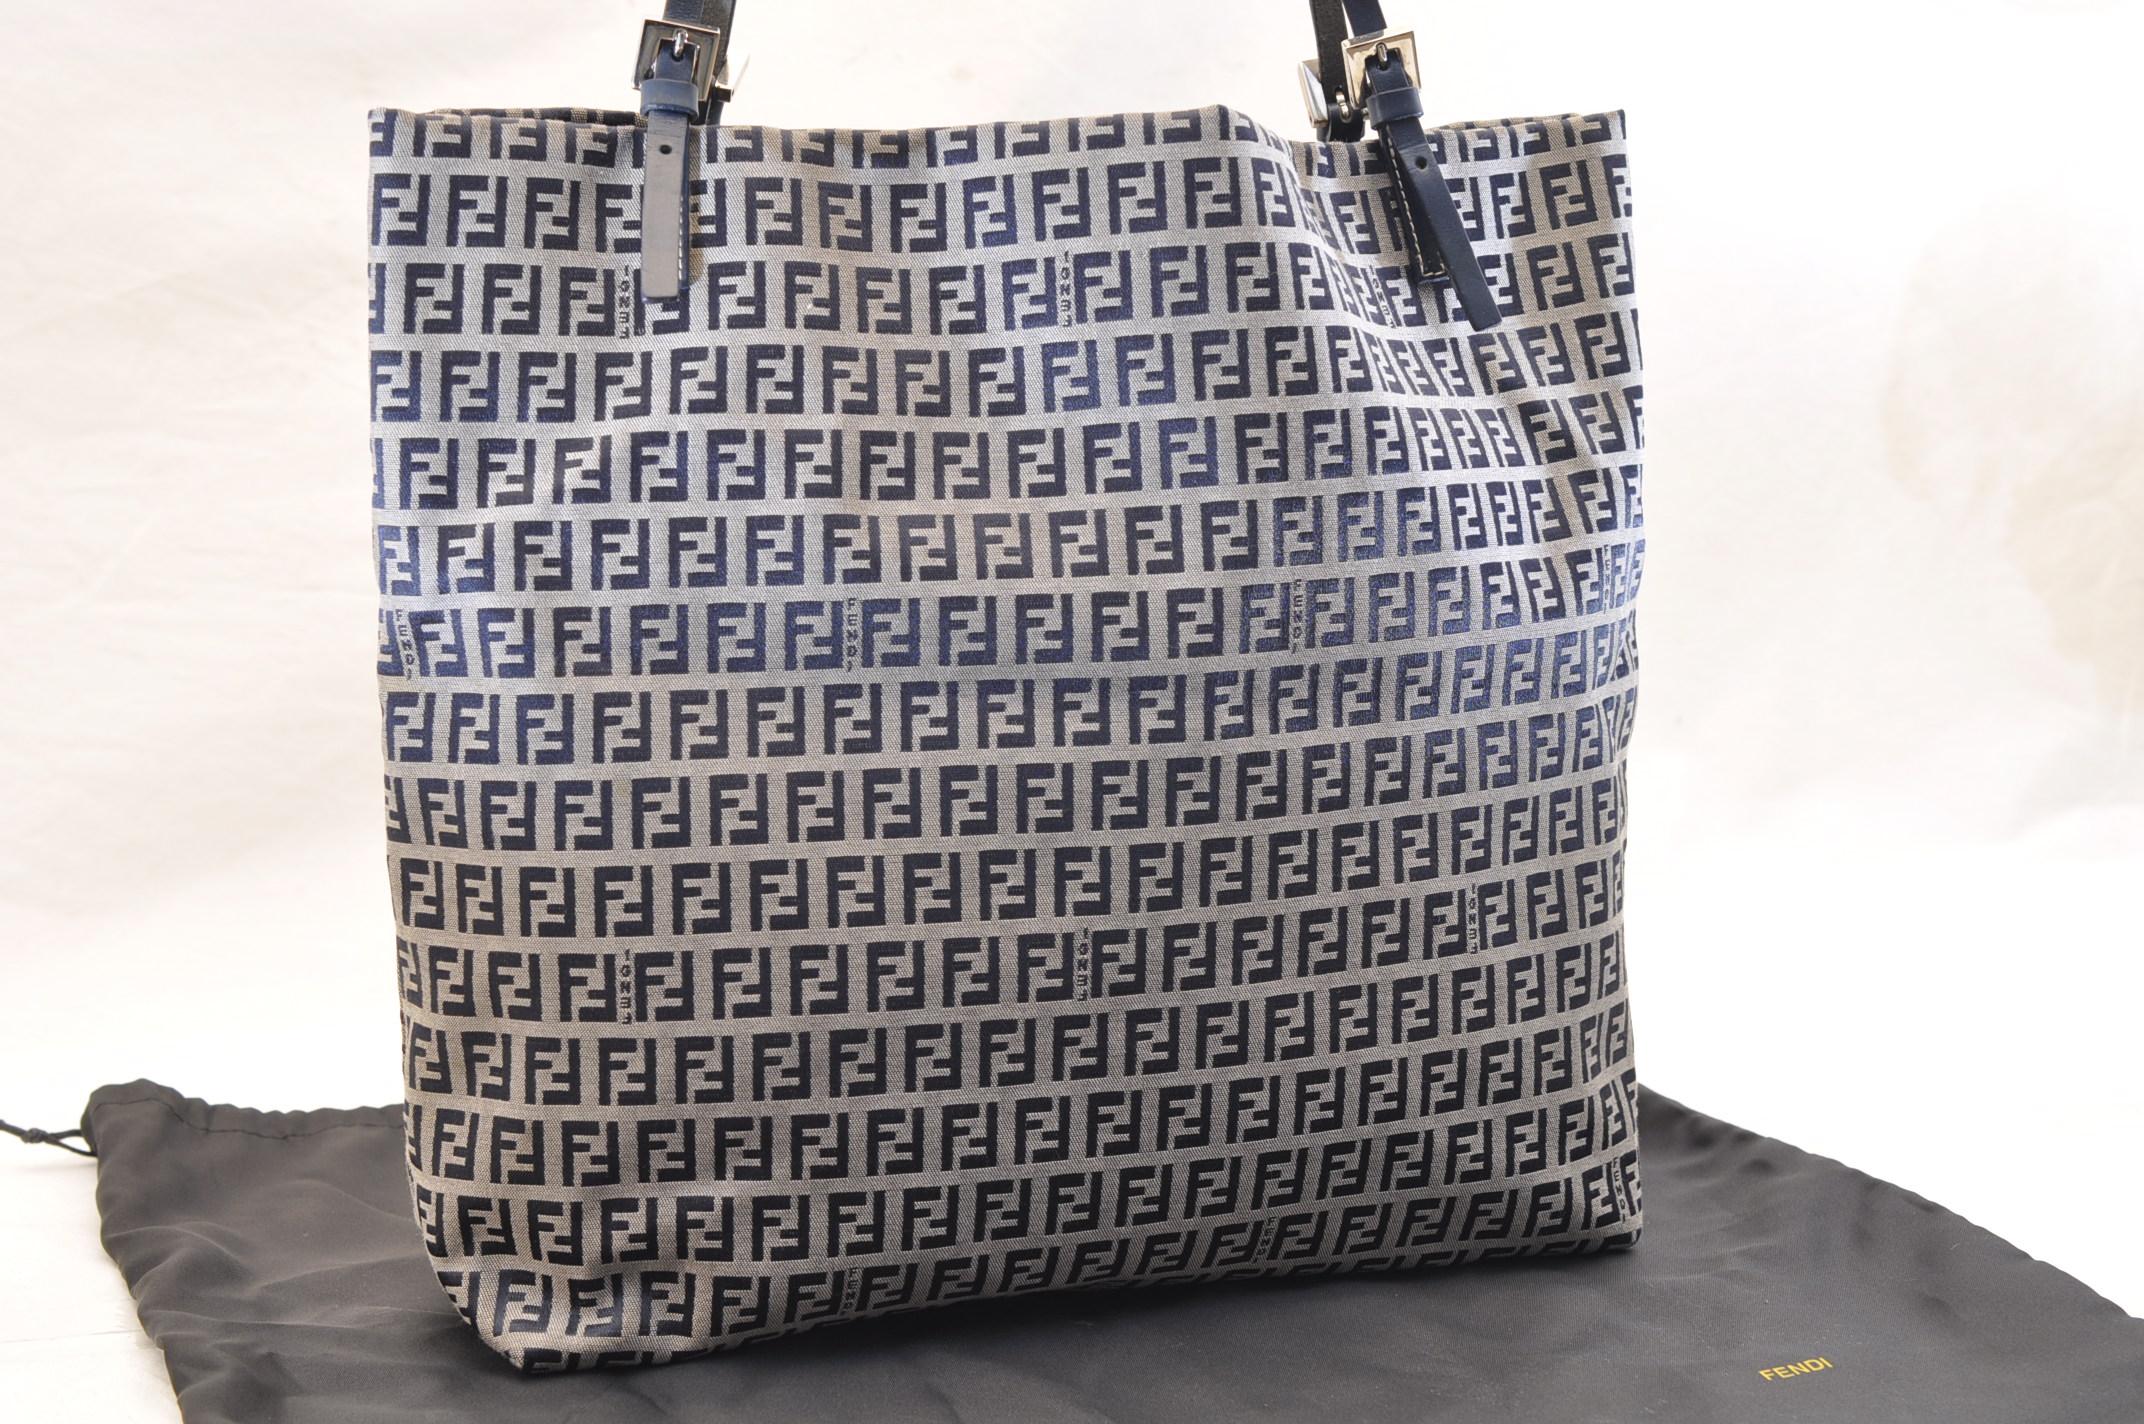 647ea9734e48 FENDI Zucca Canvas Tote Bag Blue Auth 5594. DSC0231-4.jpg ...